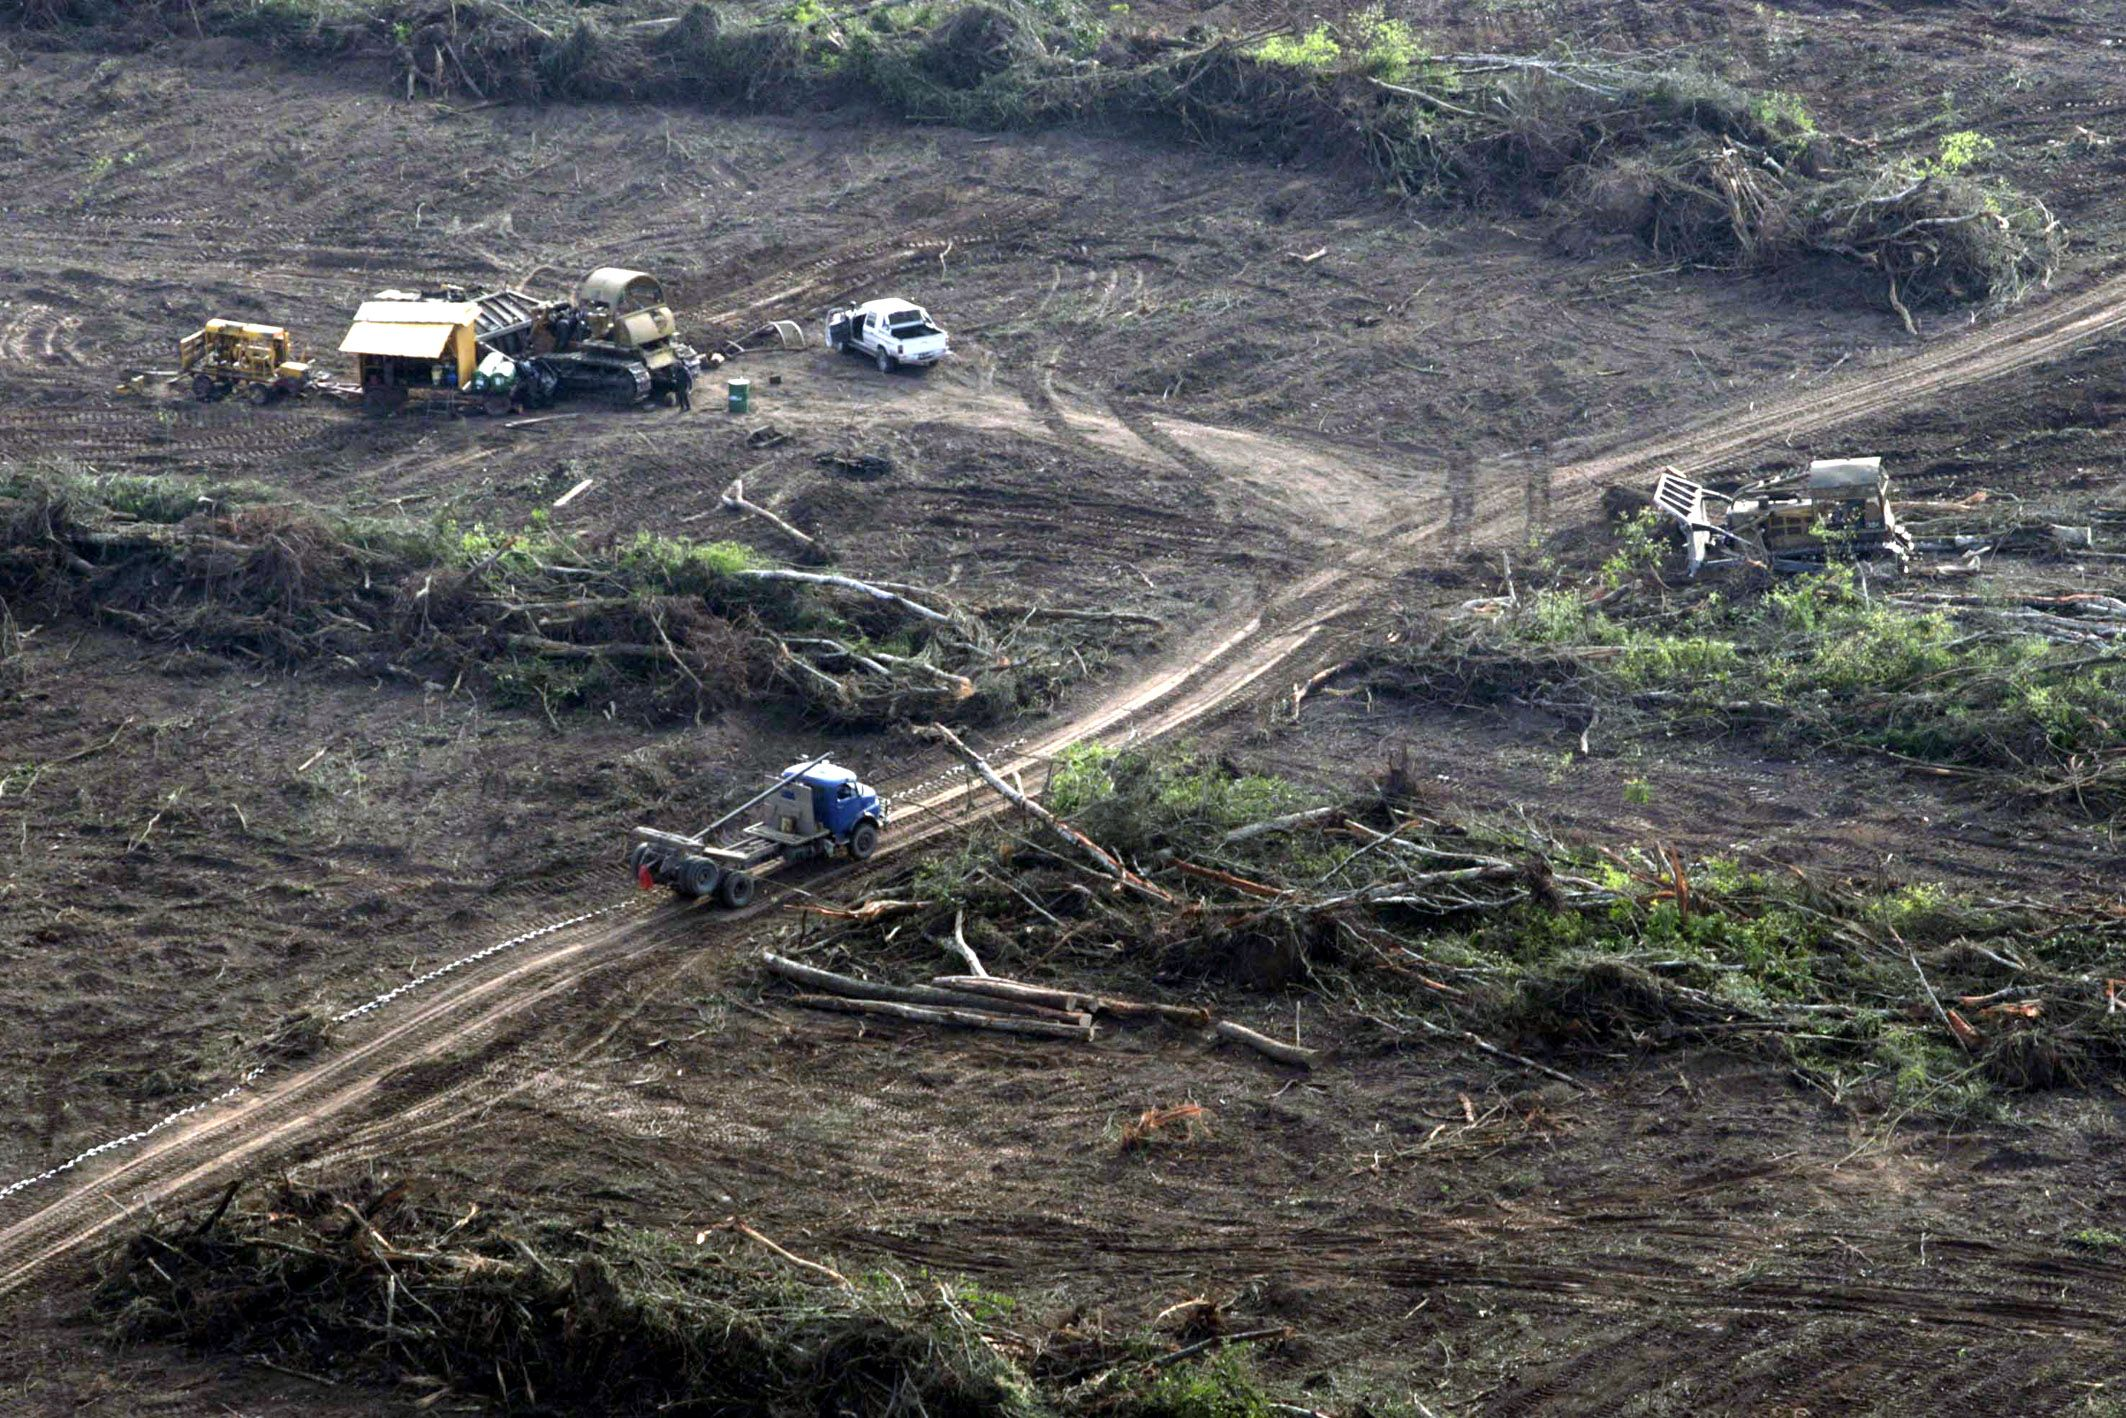 Vista aérea del desmonte de la reserva de biósfera de las yungas donde se observan topadoras realizando el trabajo.